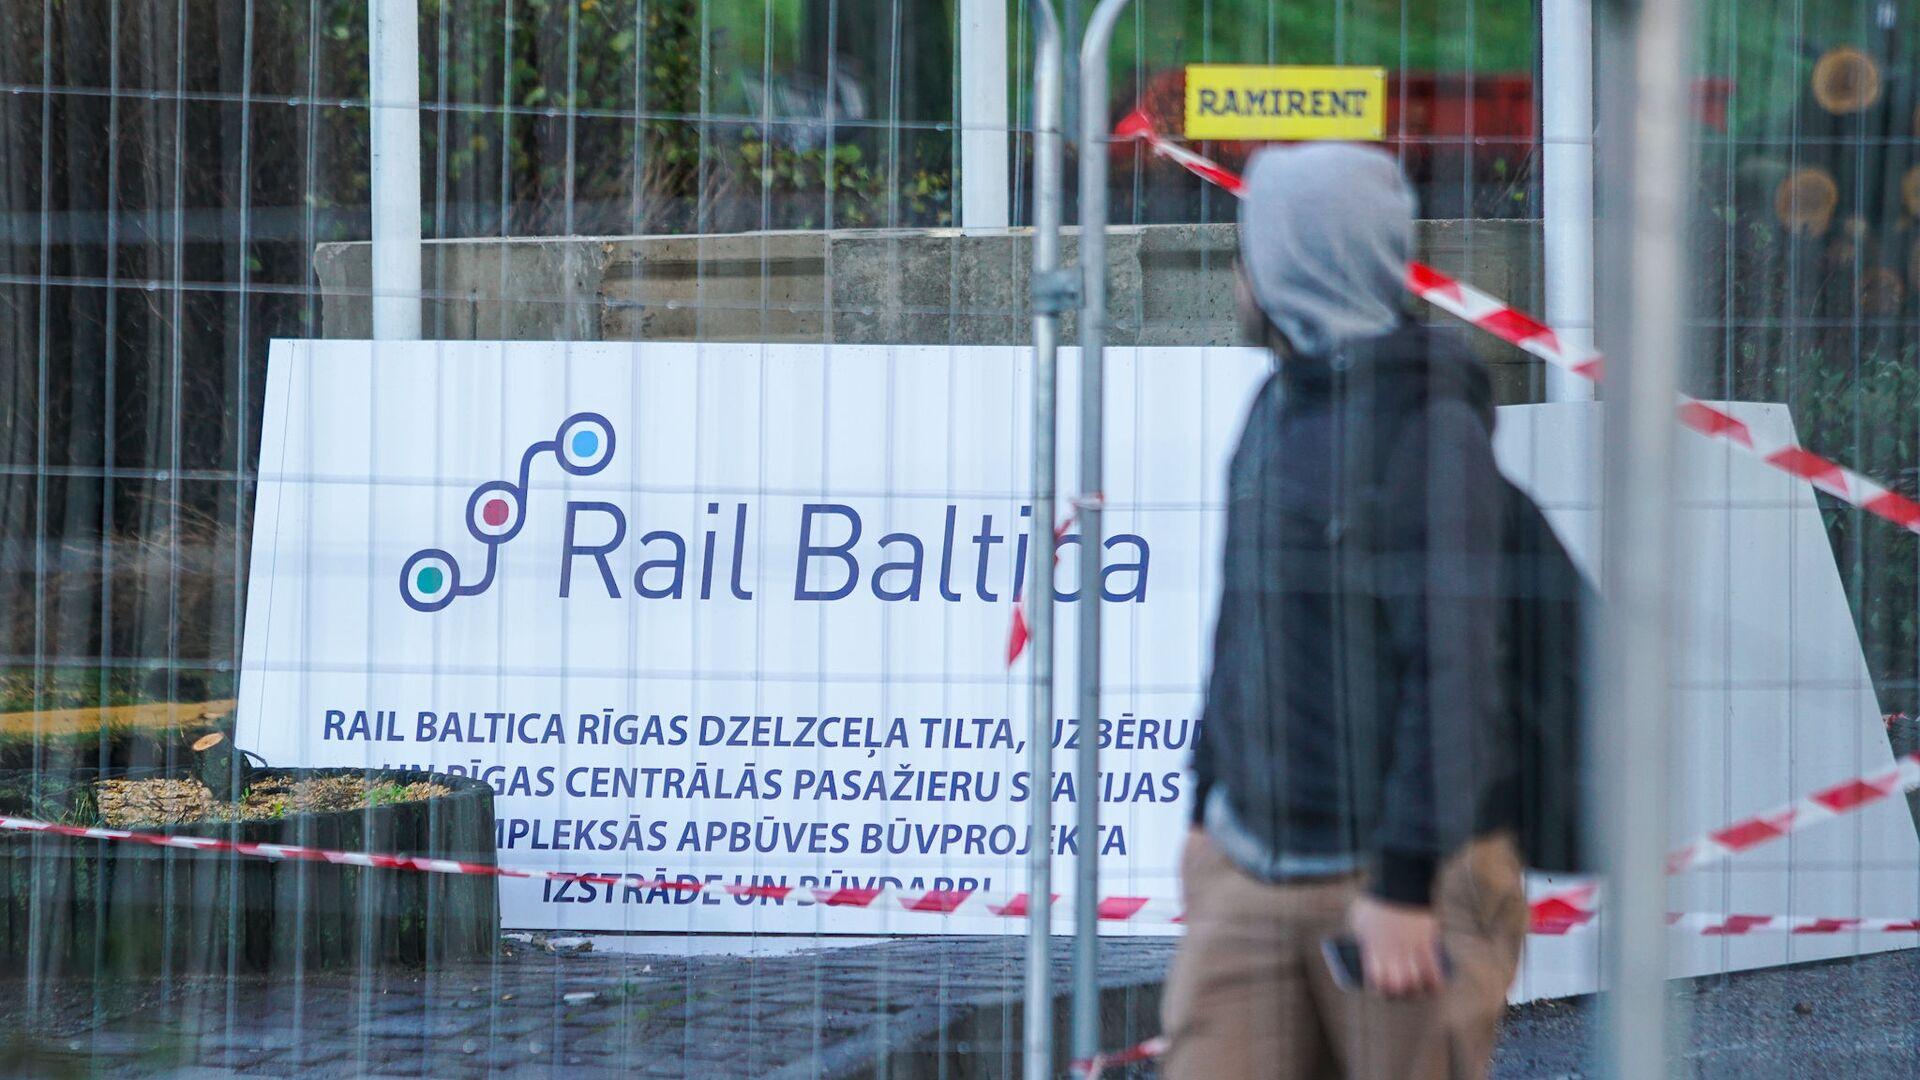 Официальное открытие строительных работ Центрального узла Rail Baltica в Риге - Sputnik Latvija, 1920, 05.10.2021